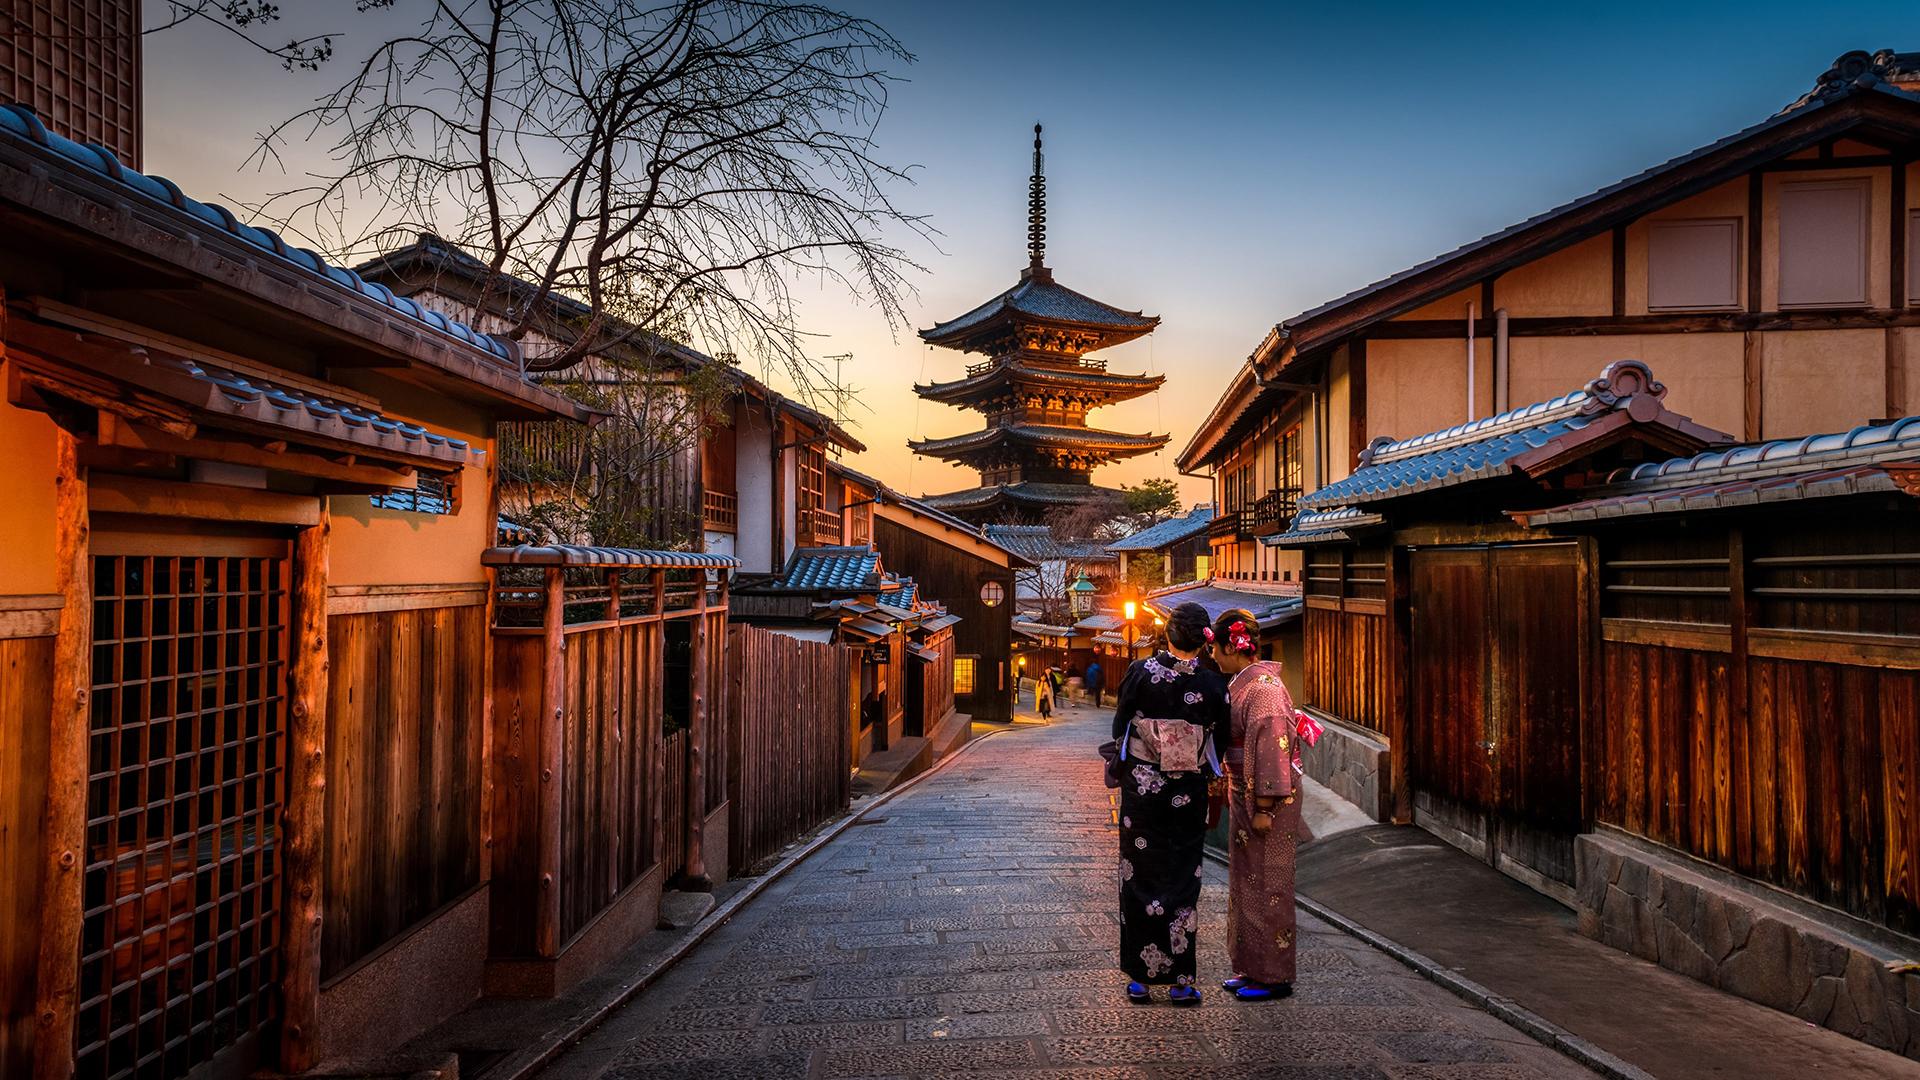 Fond d'écran : Femmes japonaises, Kyoto, pagode, Japon 1920x1080 - alex93s - 1157749 - Fond d ...